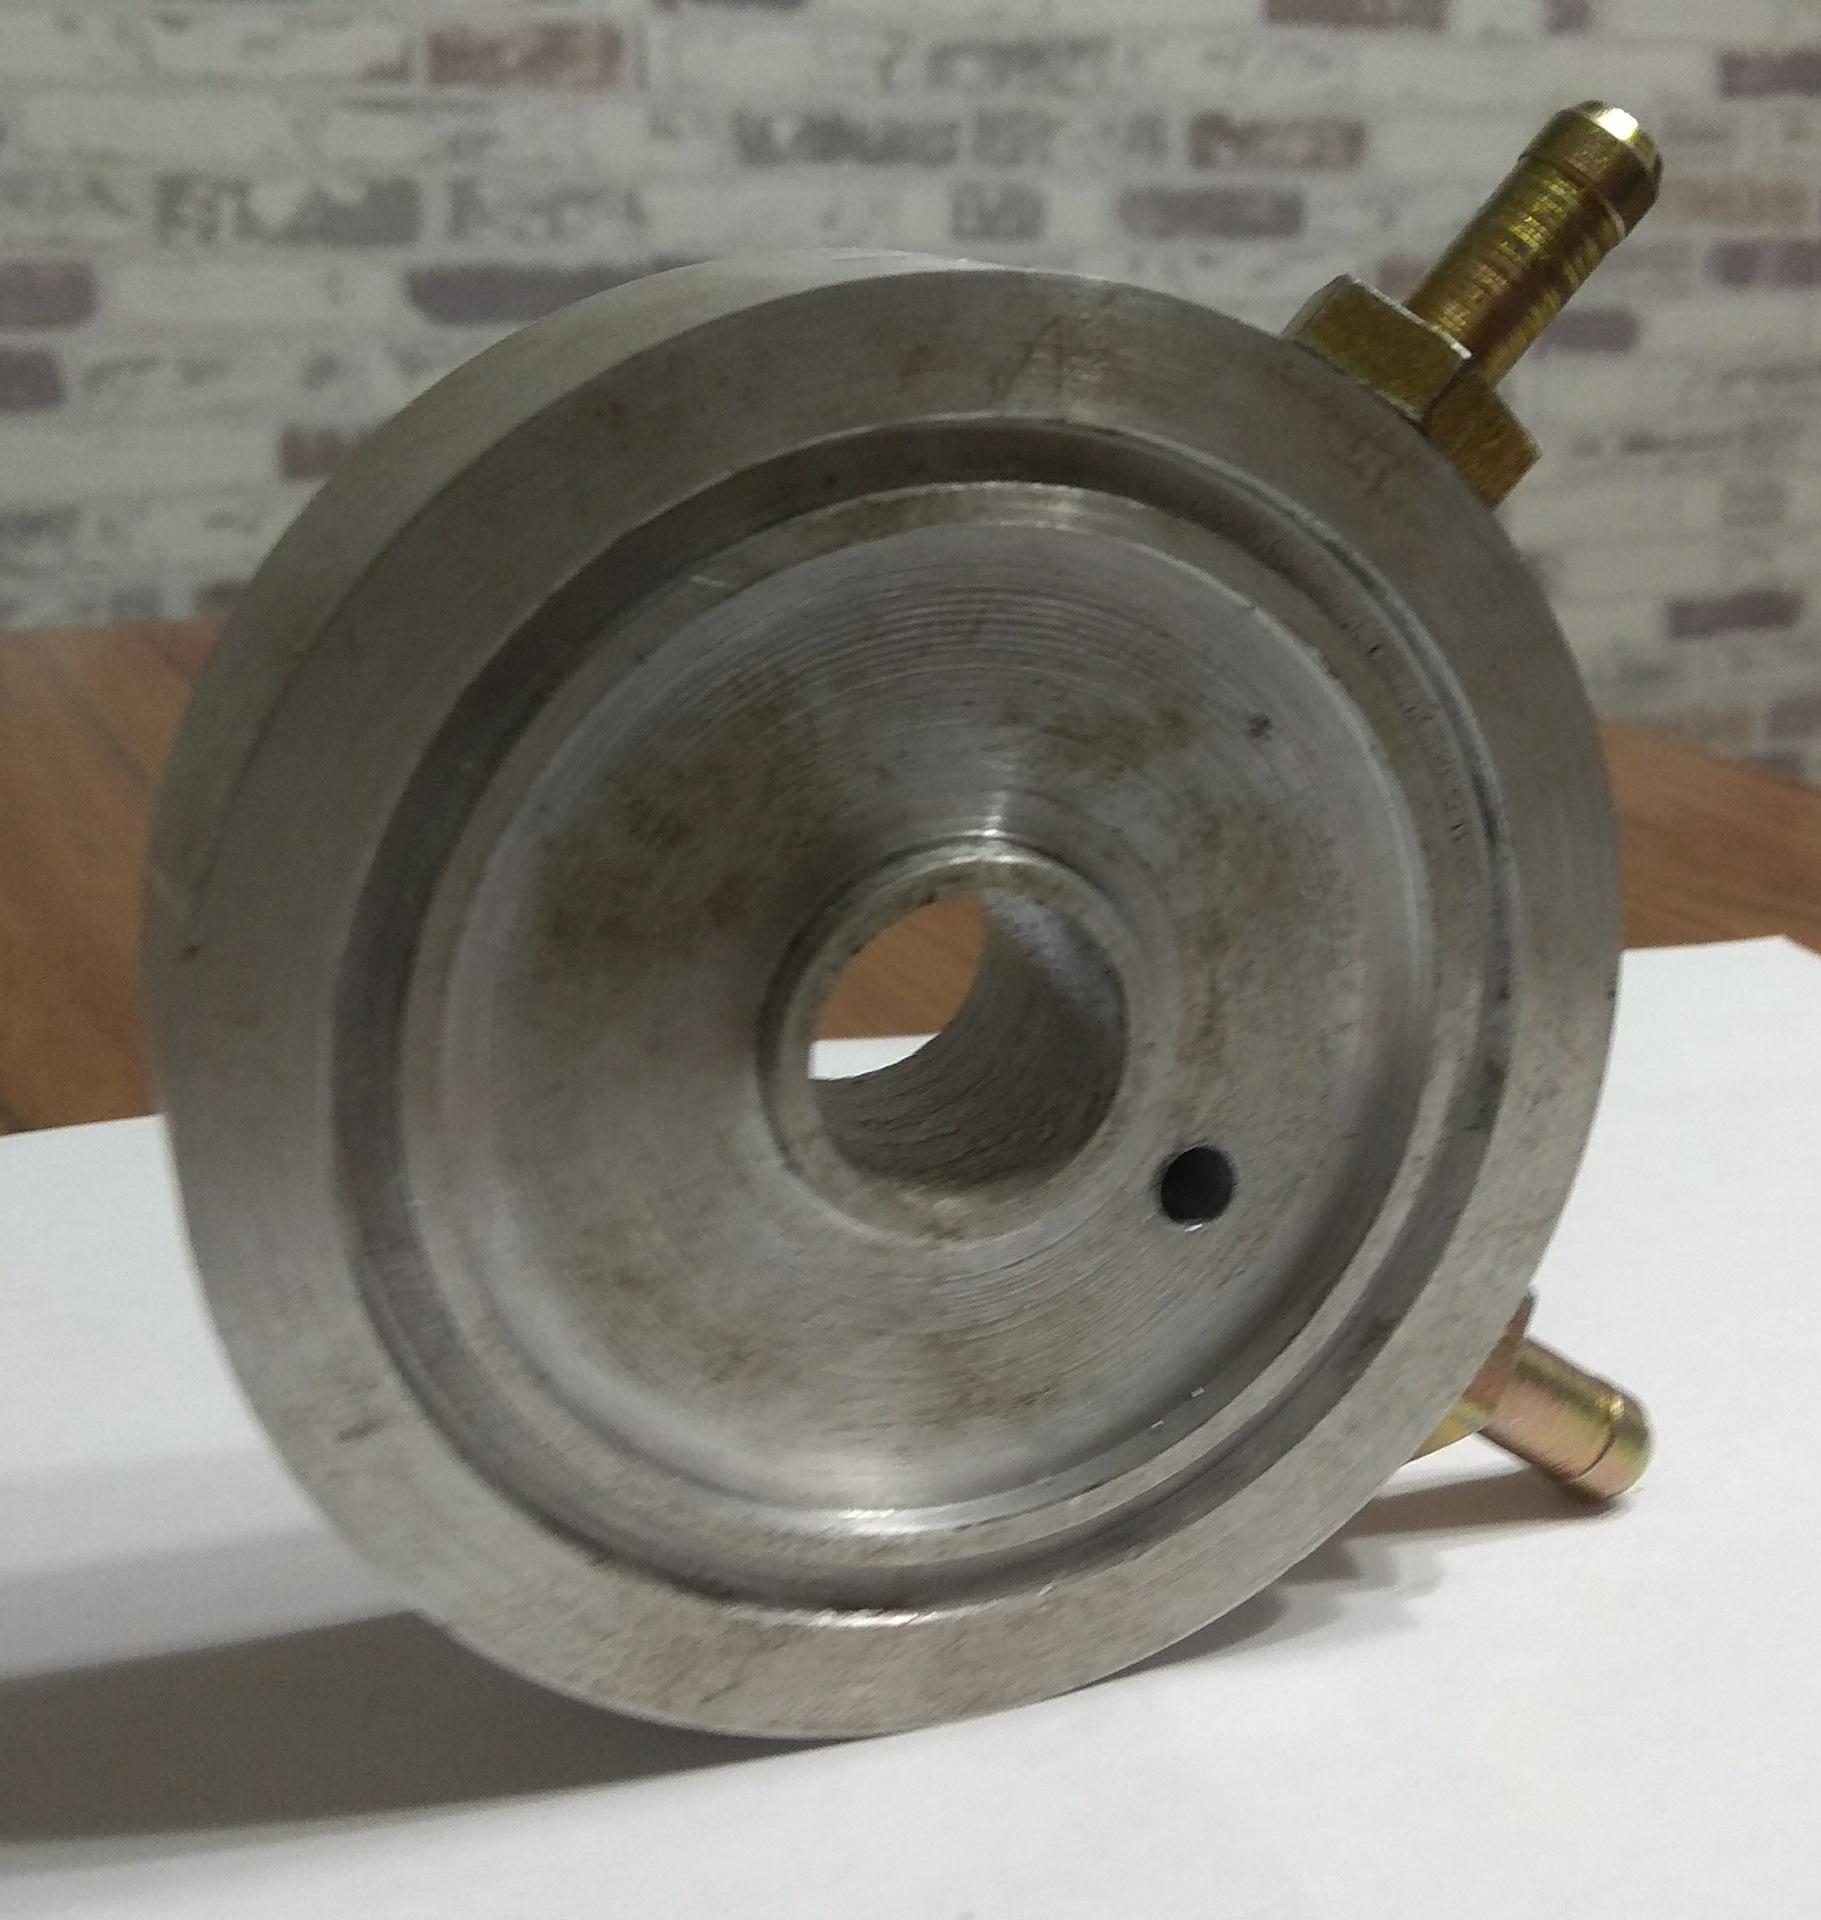 Теплообменник акпп ситроен с4 Кожухотрубный испаритель Alfa Laval DH2-451 Комсомольск-на-Амуре